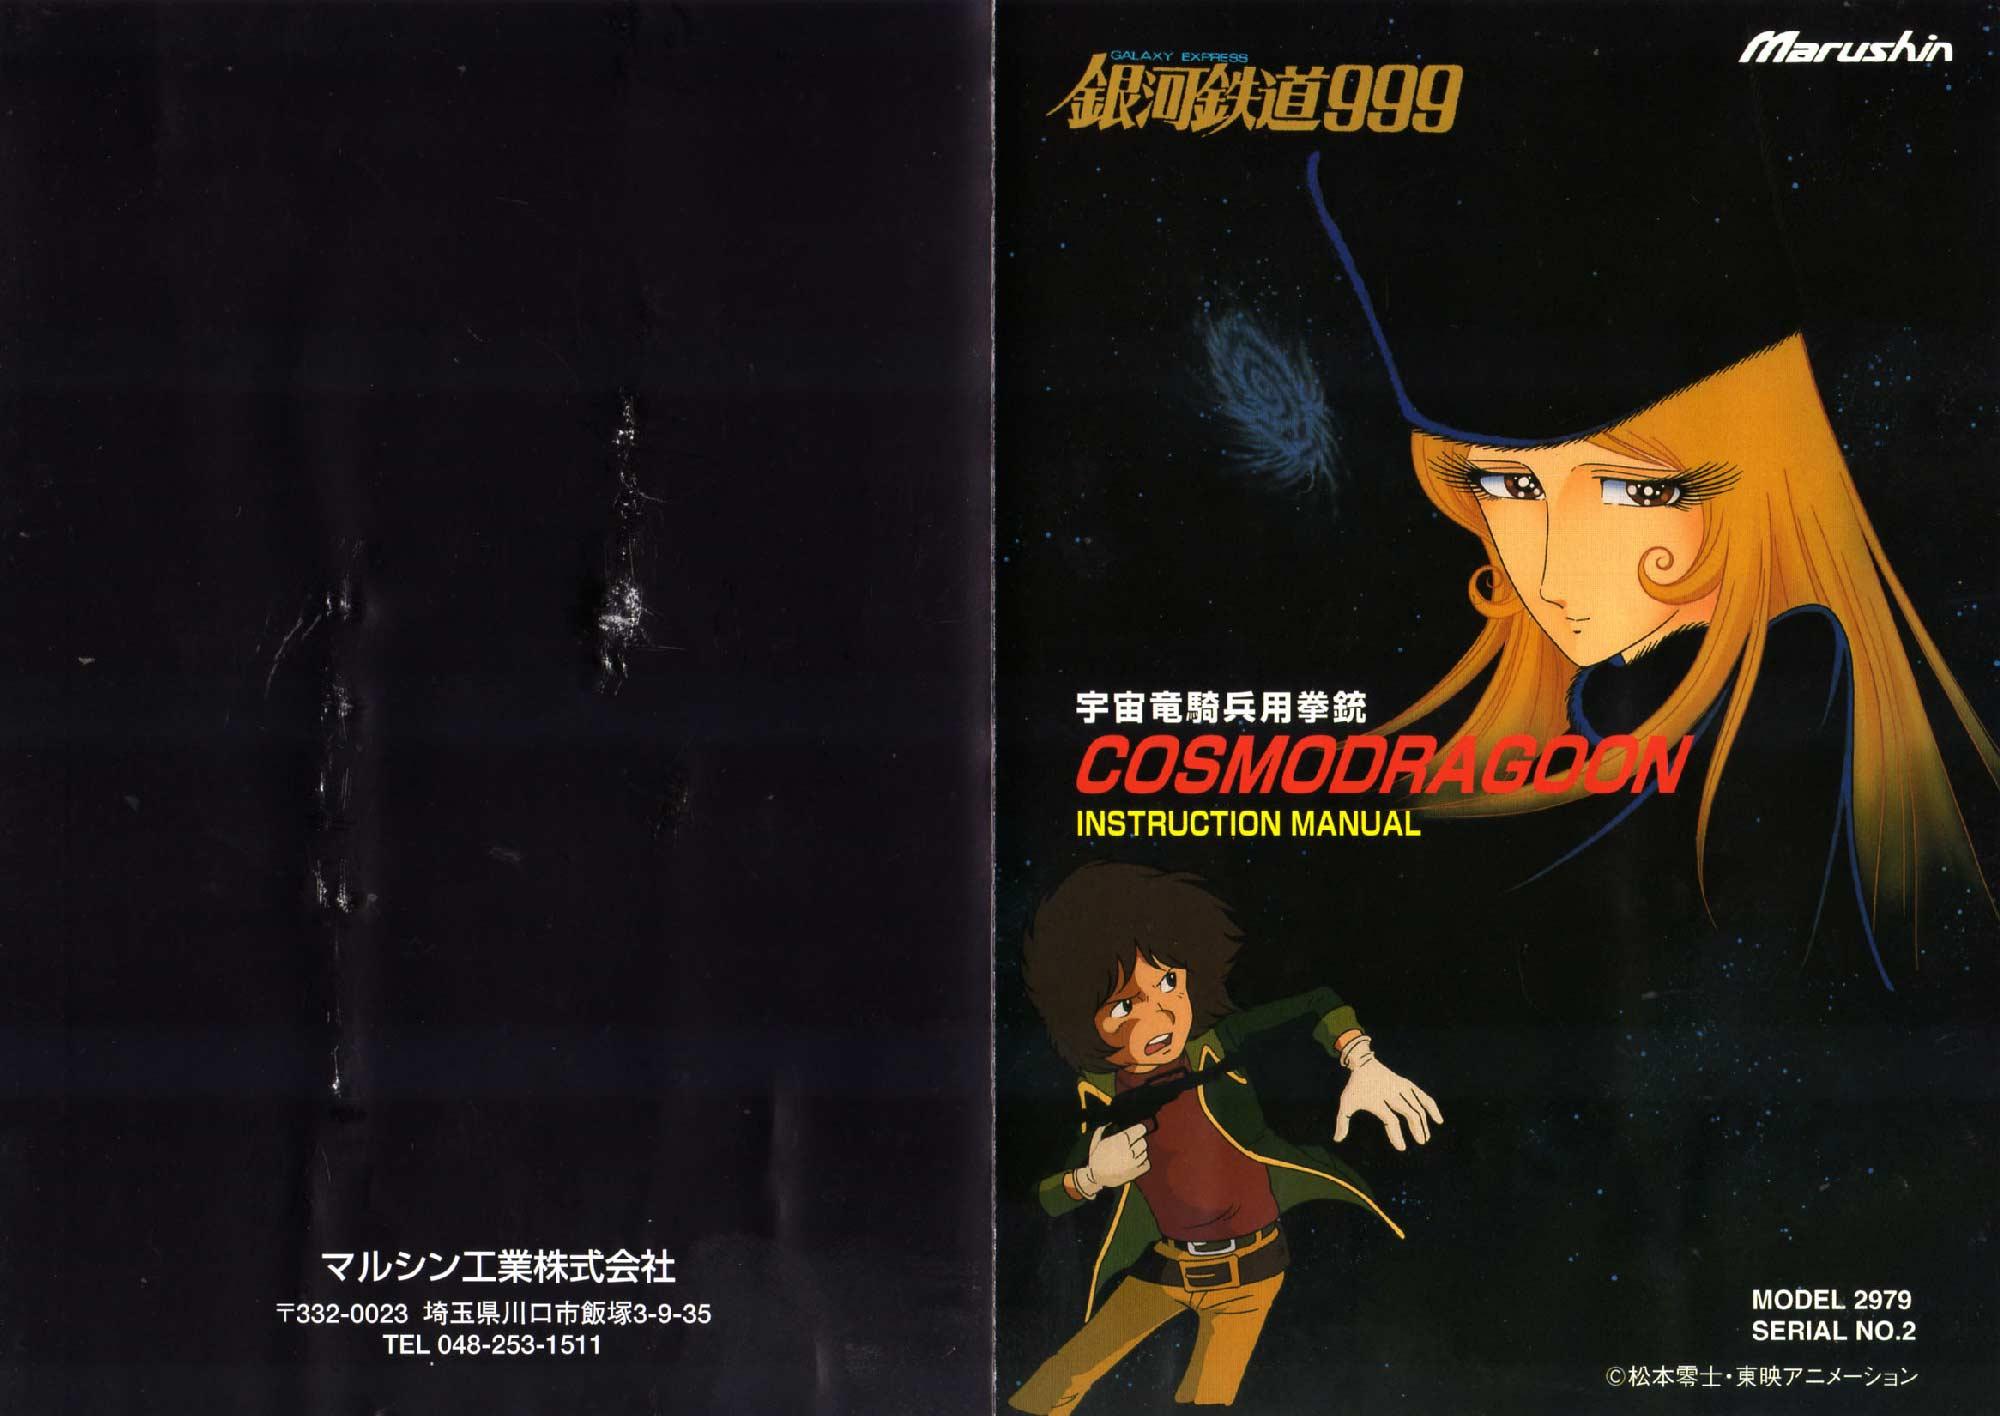 couverture de la notice du Cosmo Dragoon - Cosmo Gun (Marushin)